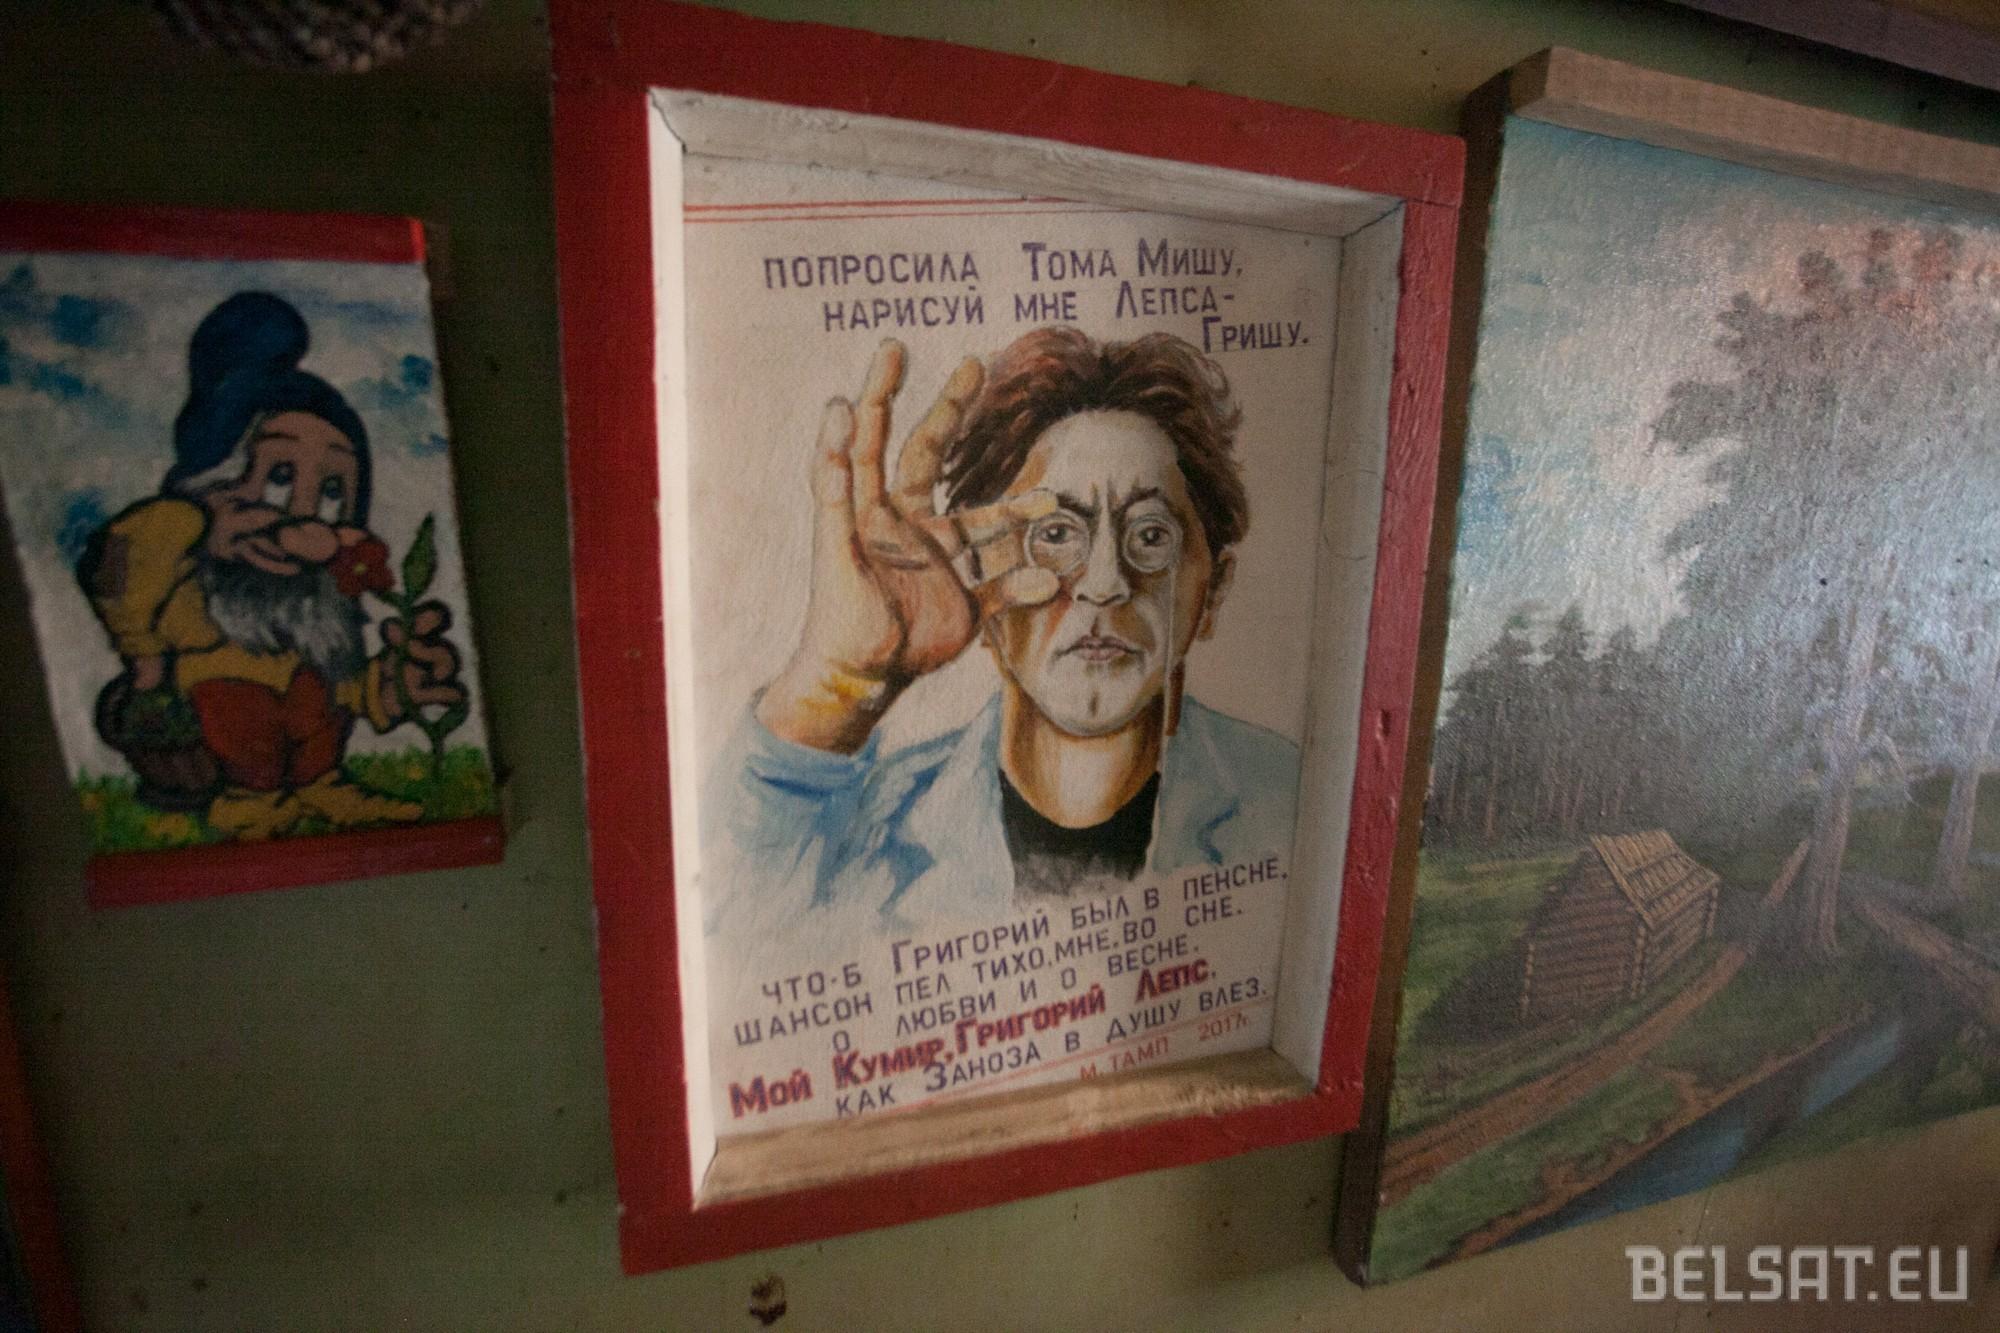 Поп-арт у Канюхах. Мастак зрабіў з вясковай хаты галерэю